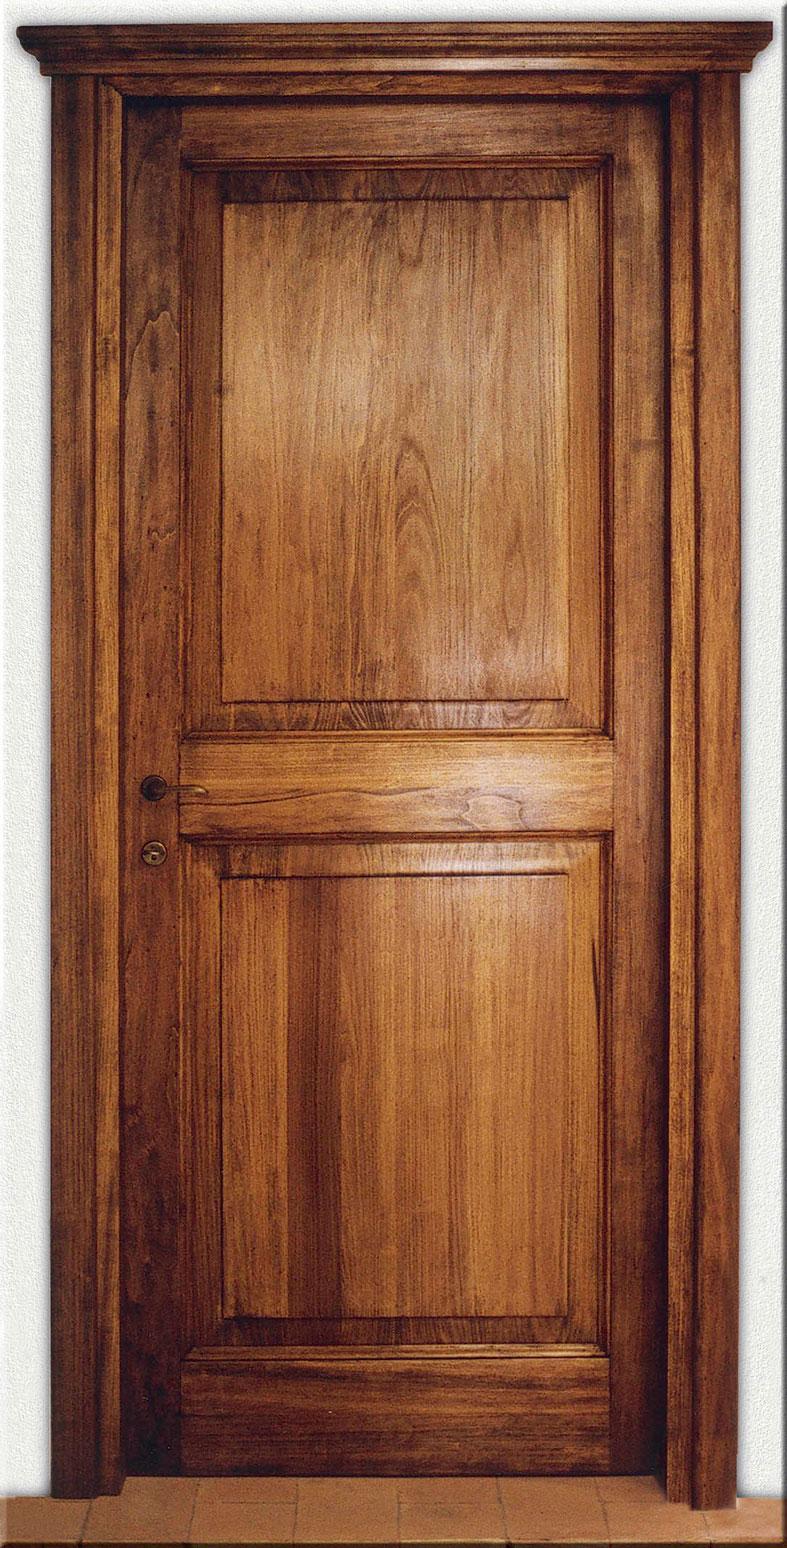 Porta 900 2bu retr in legno massello di pioppo for Porte in legno grezzo